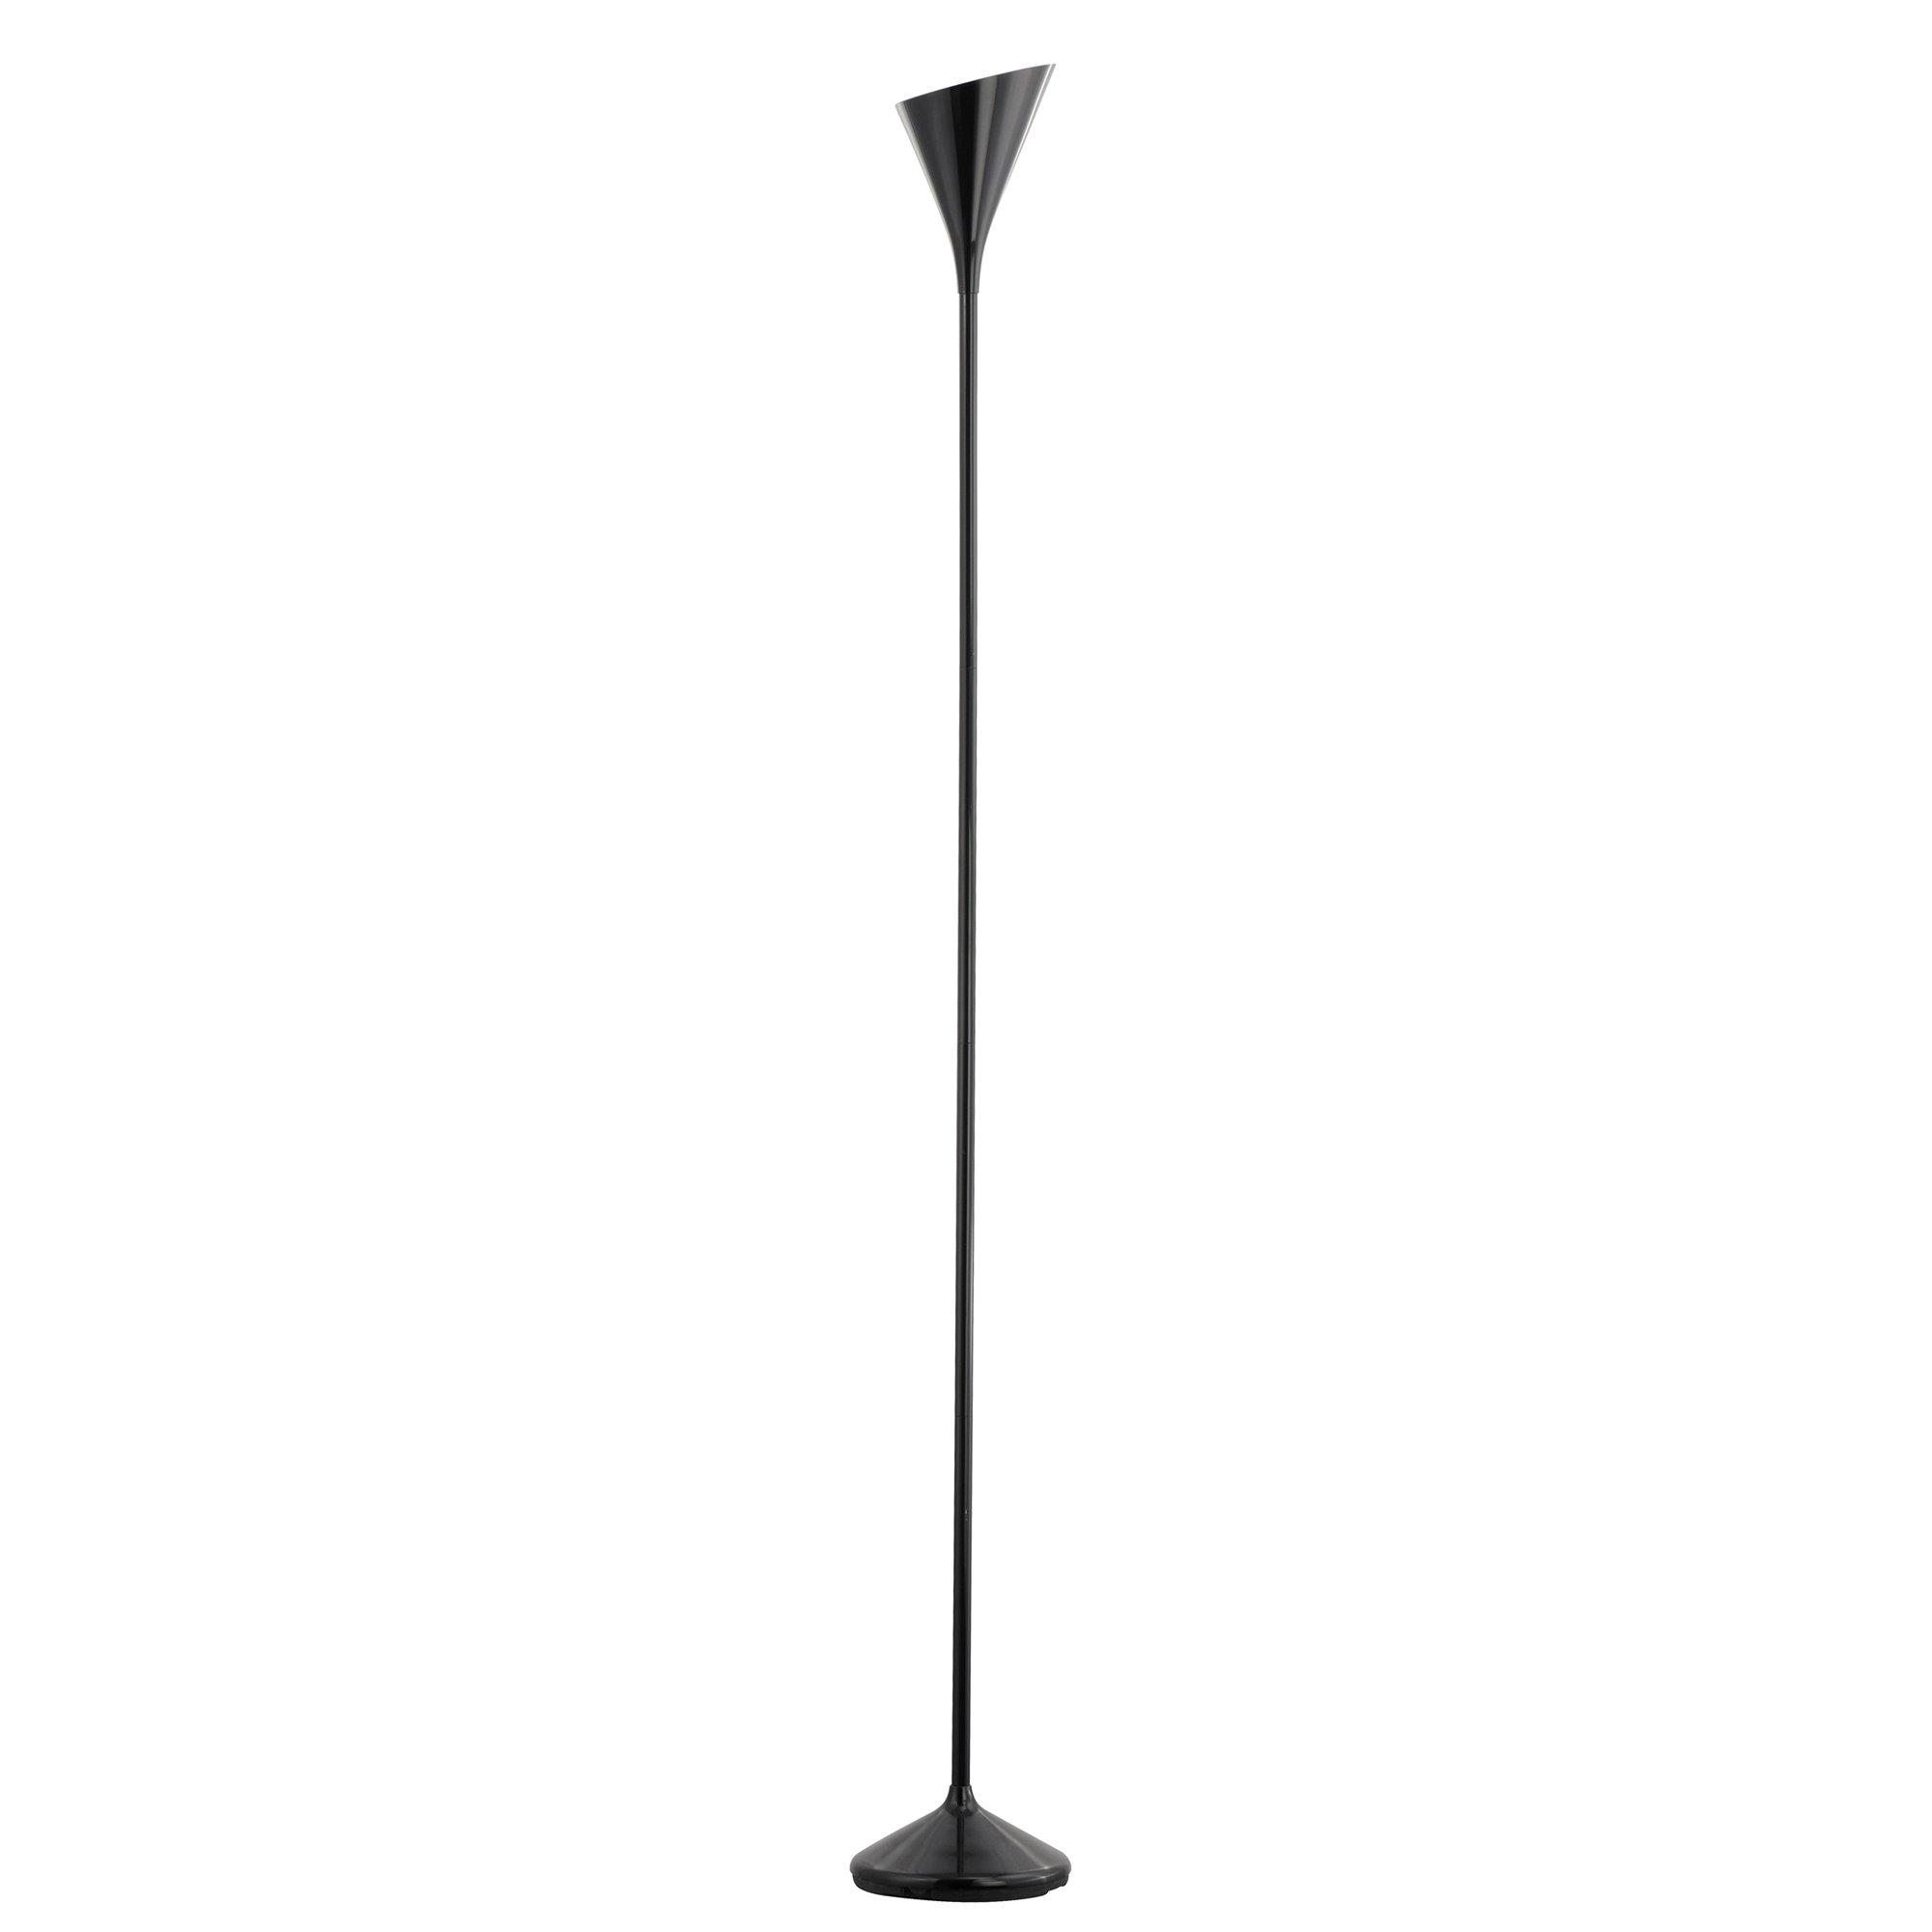 De Pie EstableBase Robusta Y DiseñoMuy Lámpara Metálica D9W2EHI